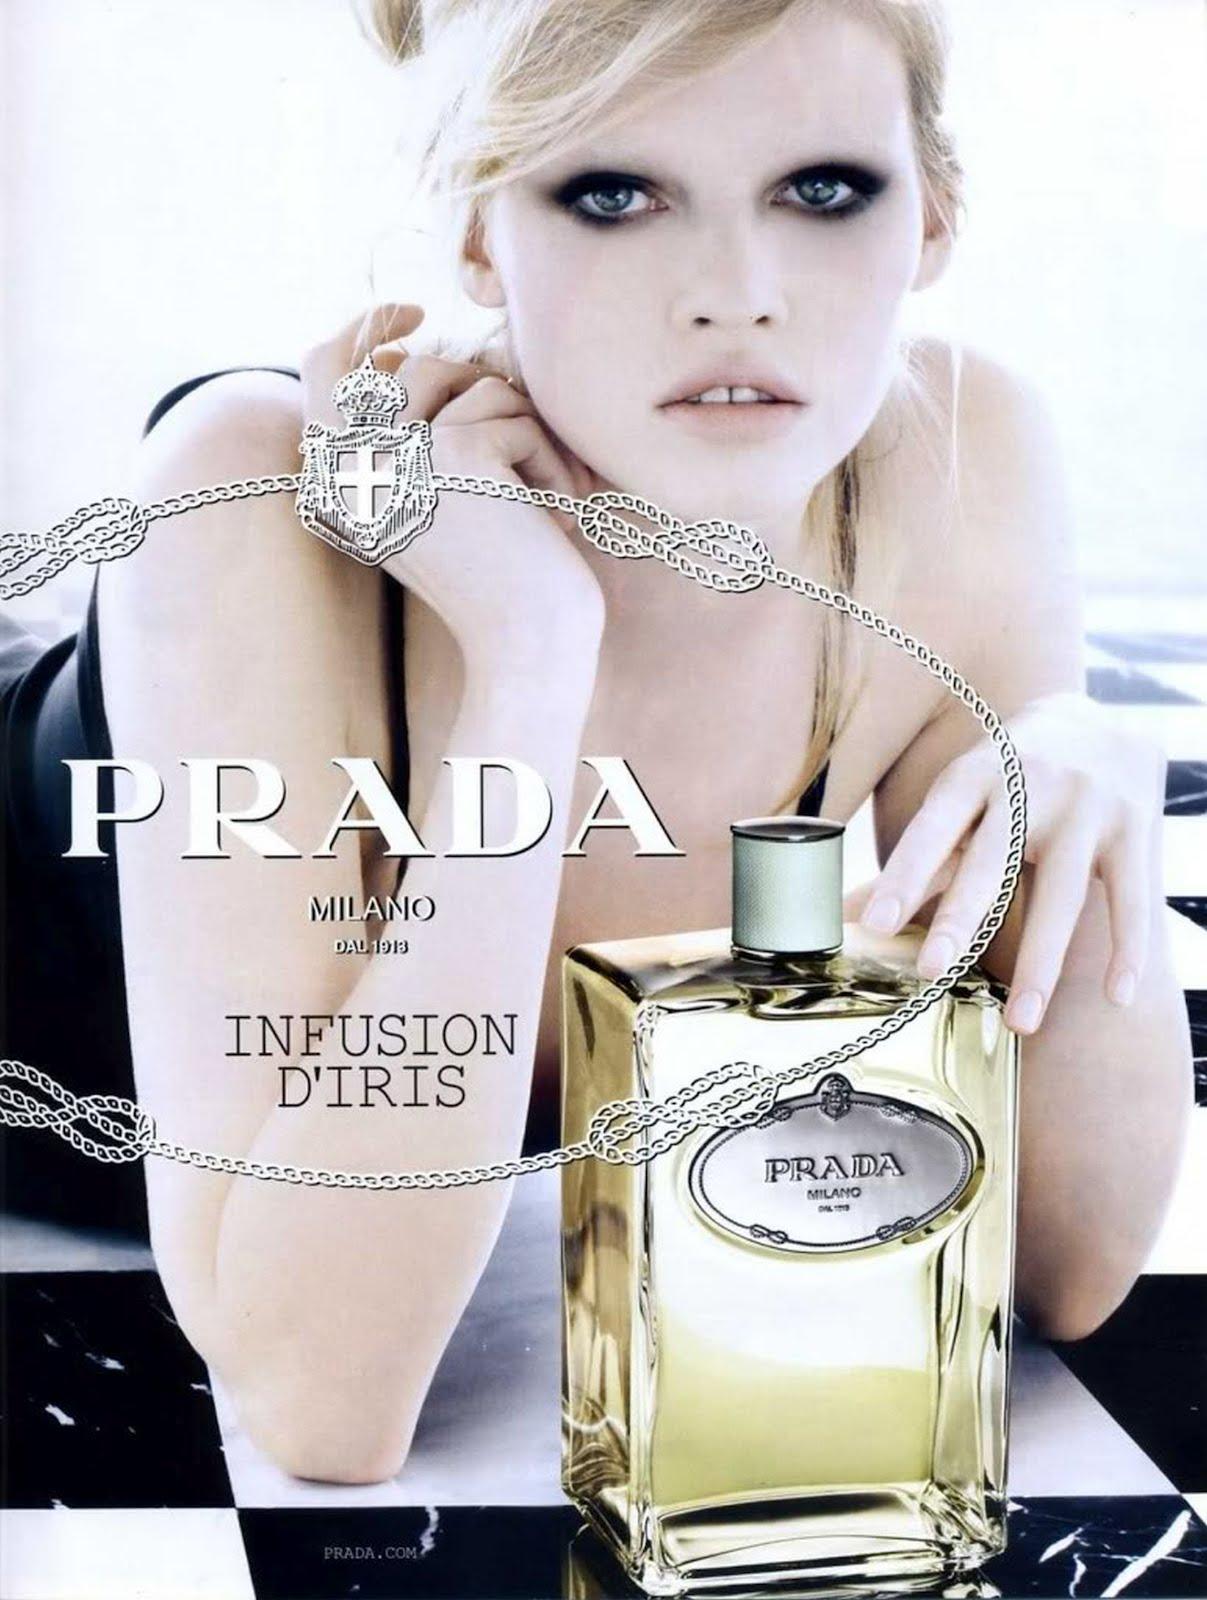 From Pyrgos Infusion Diris Eau De Parfum Prada